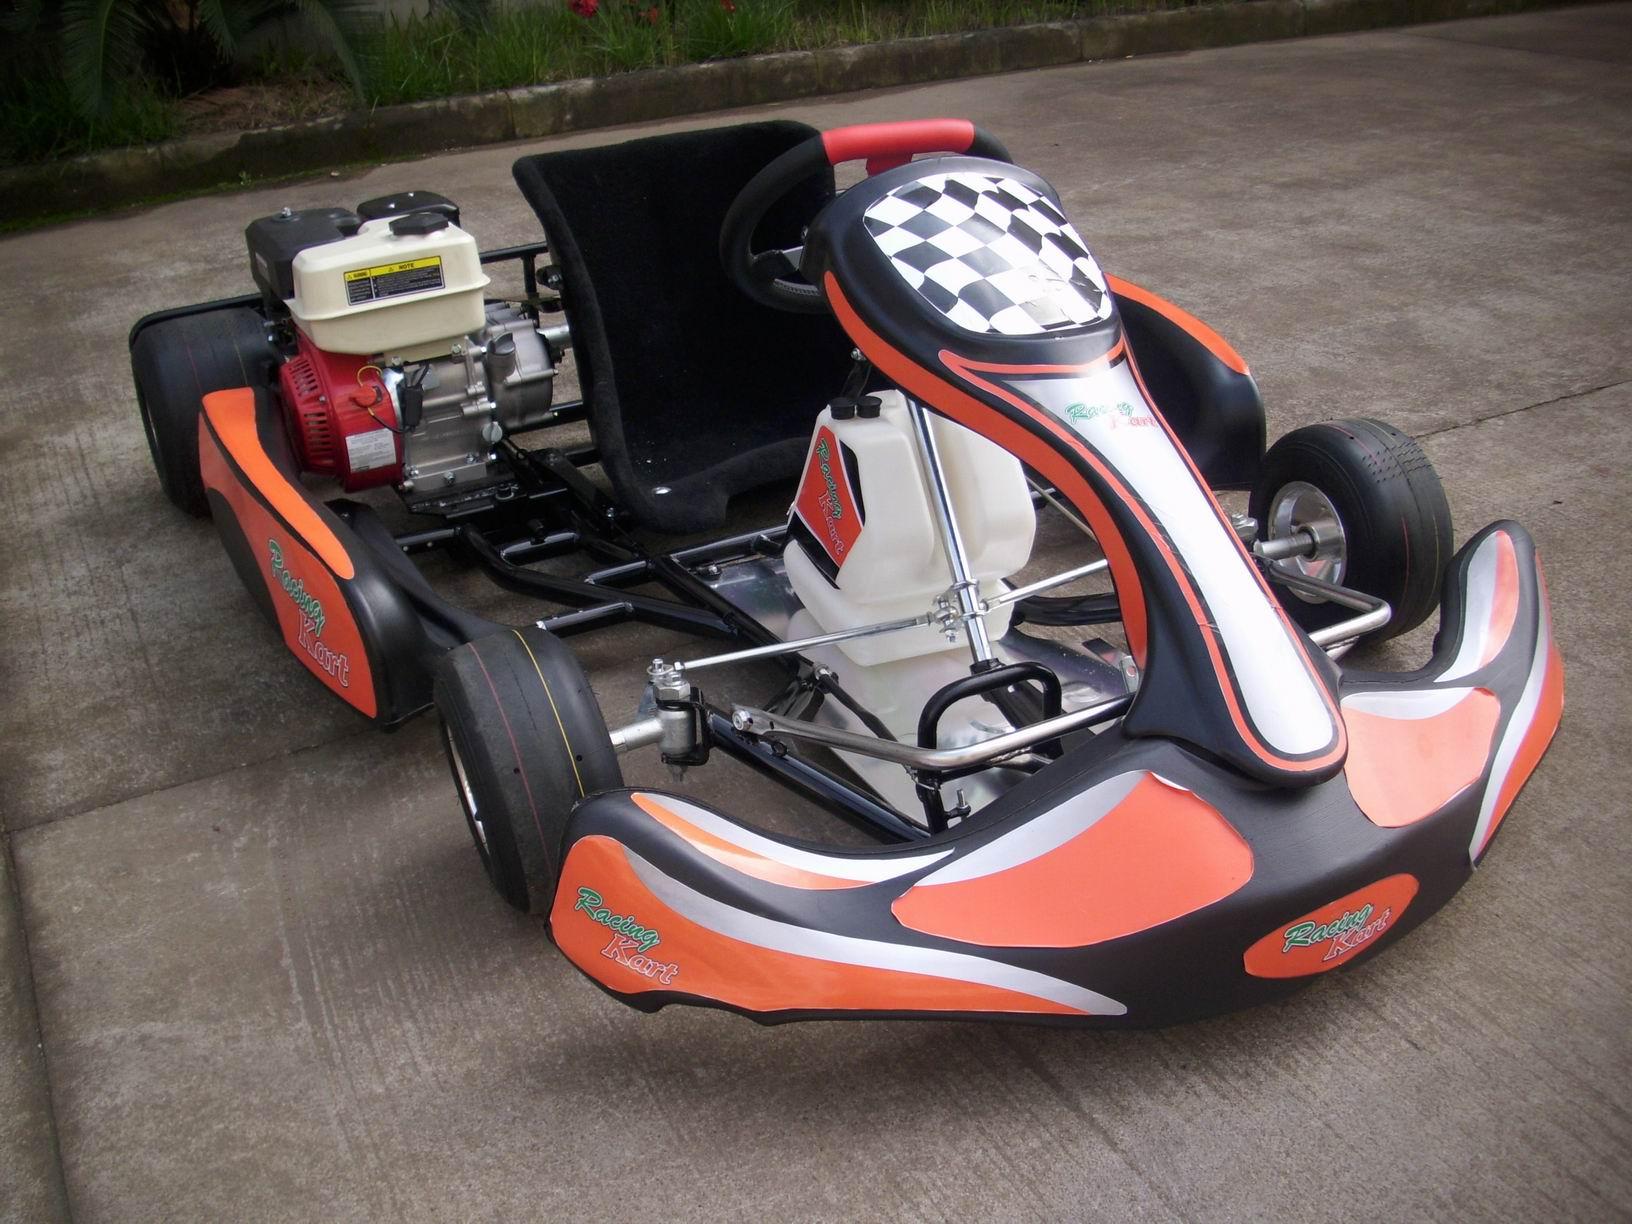 Manco Helix 150cc Go Kart – Wonderful Image Gallery